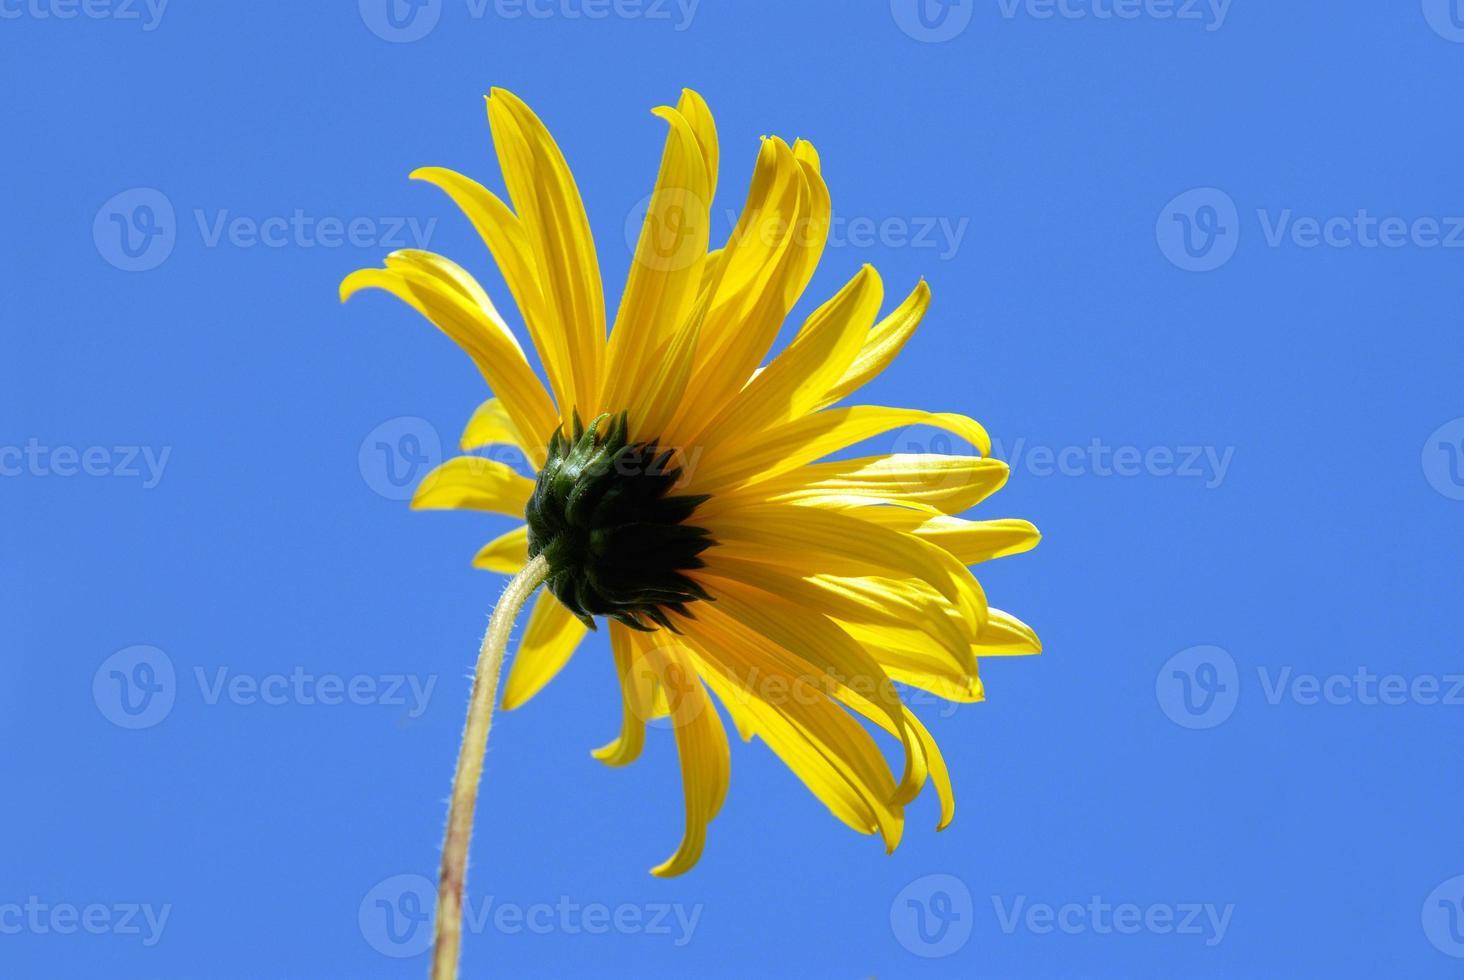 flor amarela e céu azul brilhante foto